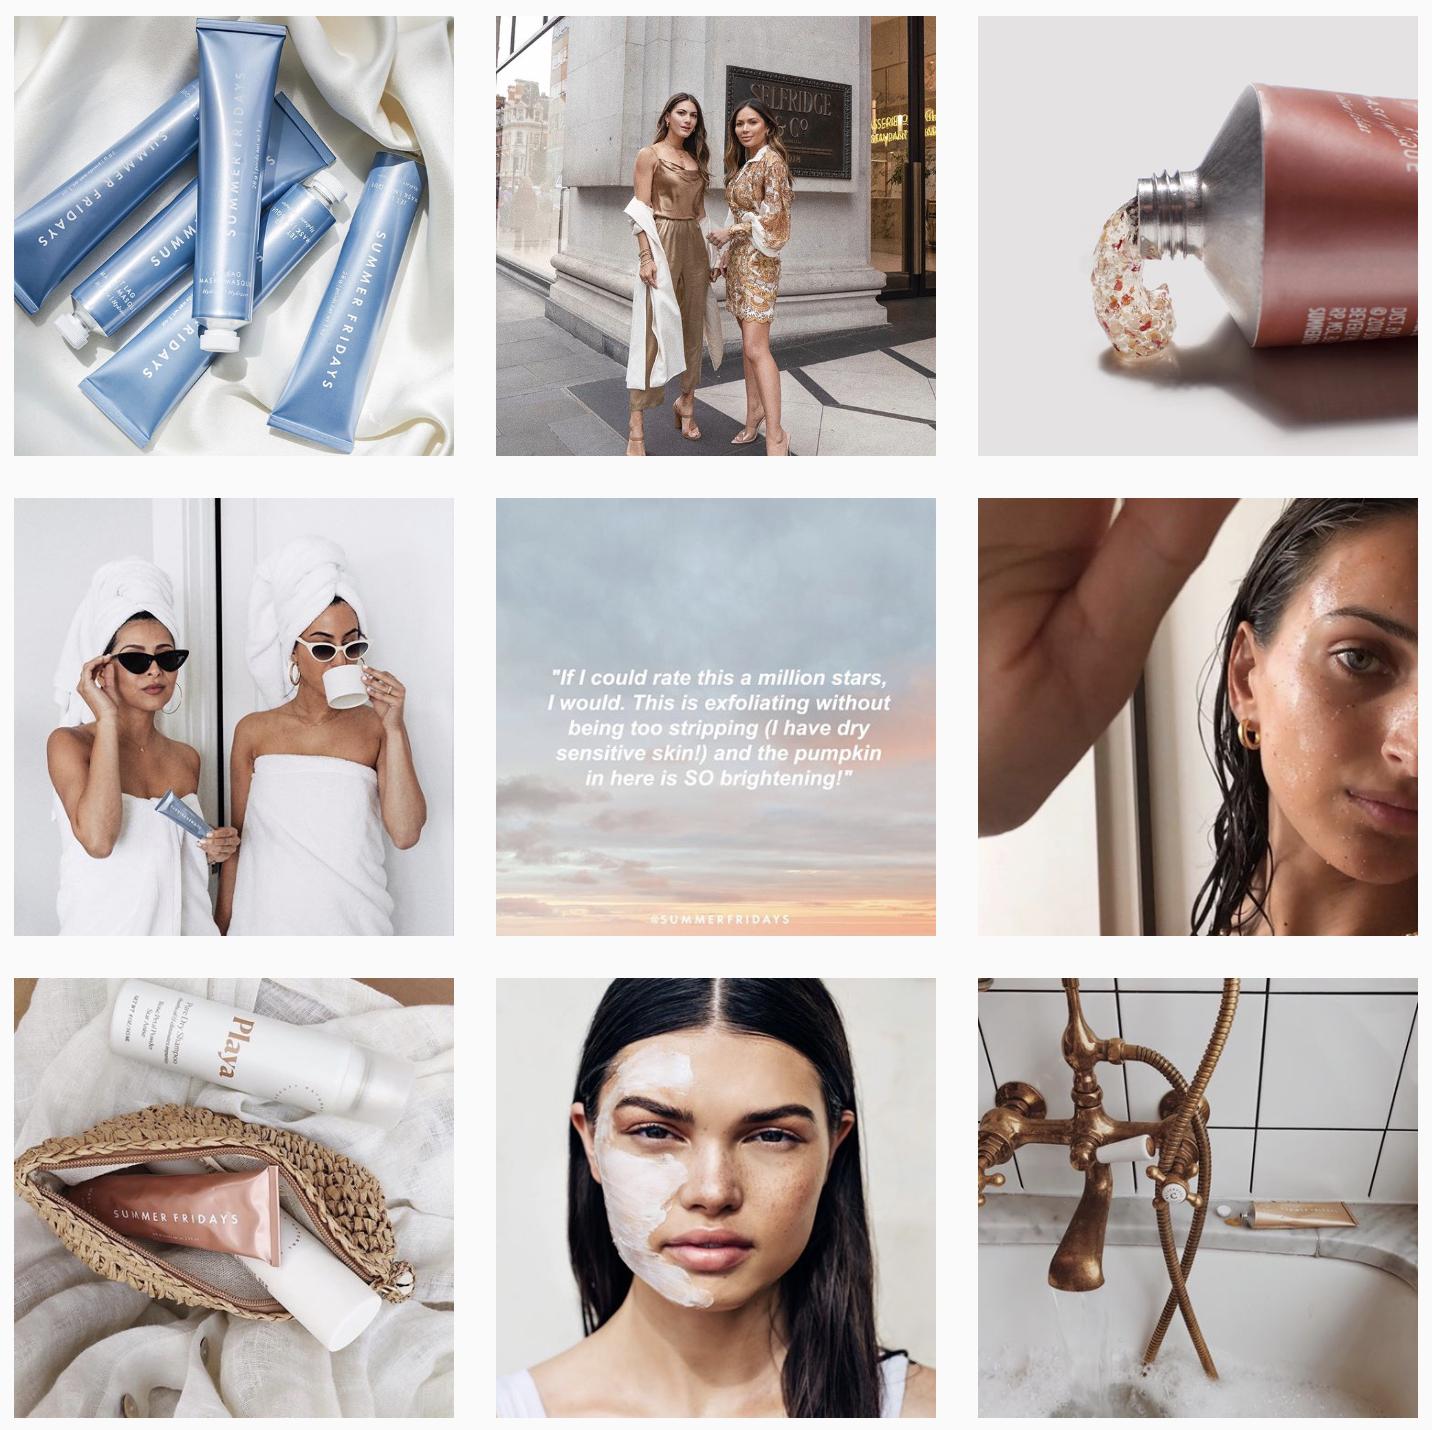 أفضل 5 اتجاهات لوسائل التواصل الاجتماعي الإبداعية لعام 2019 (+ تقرير مجاني!) 7